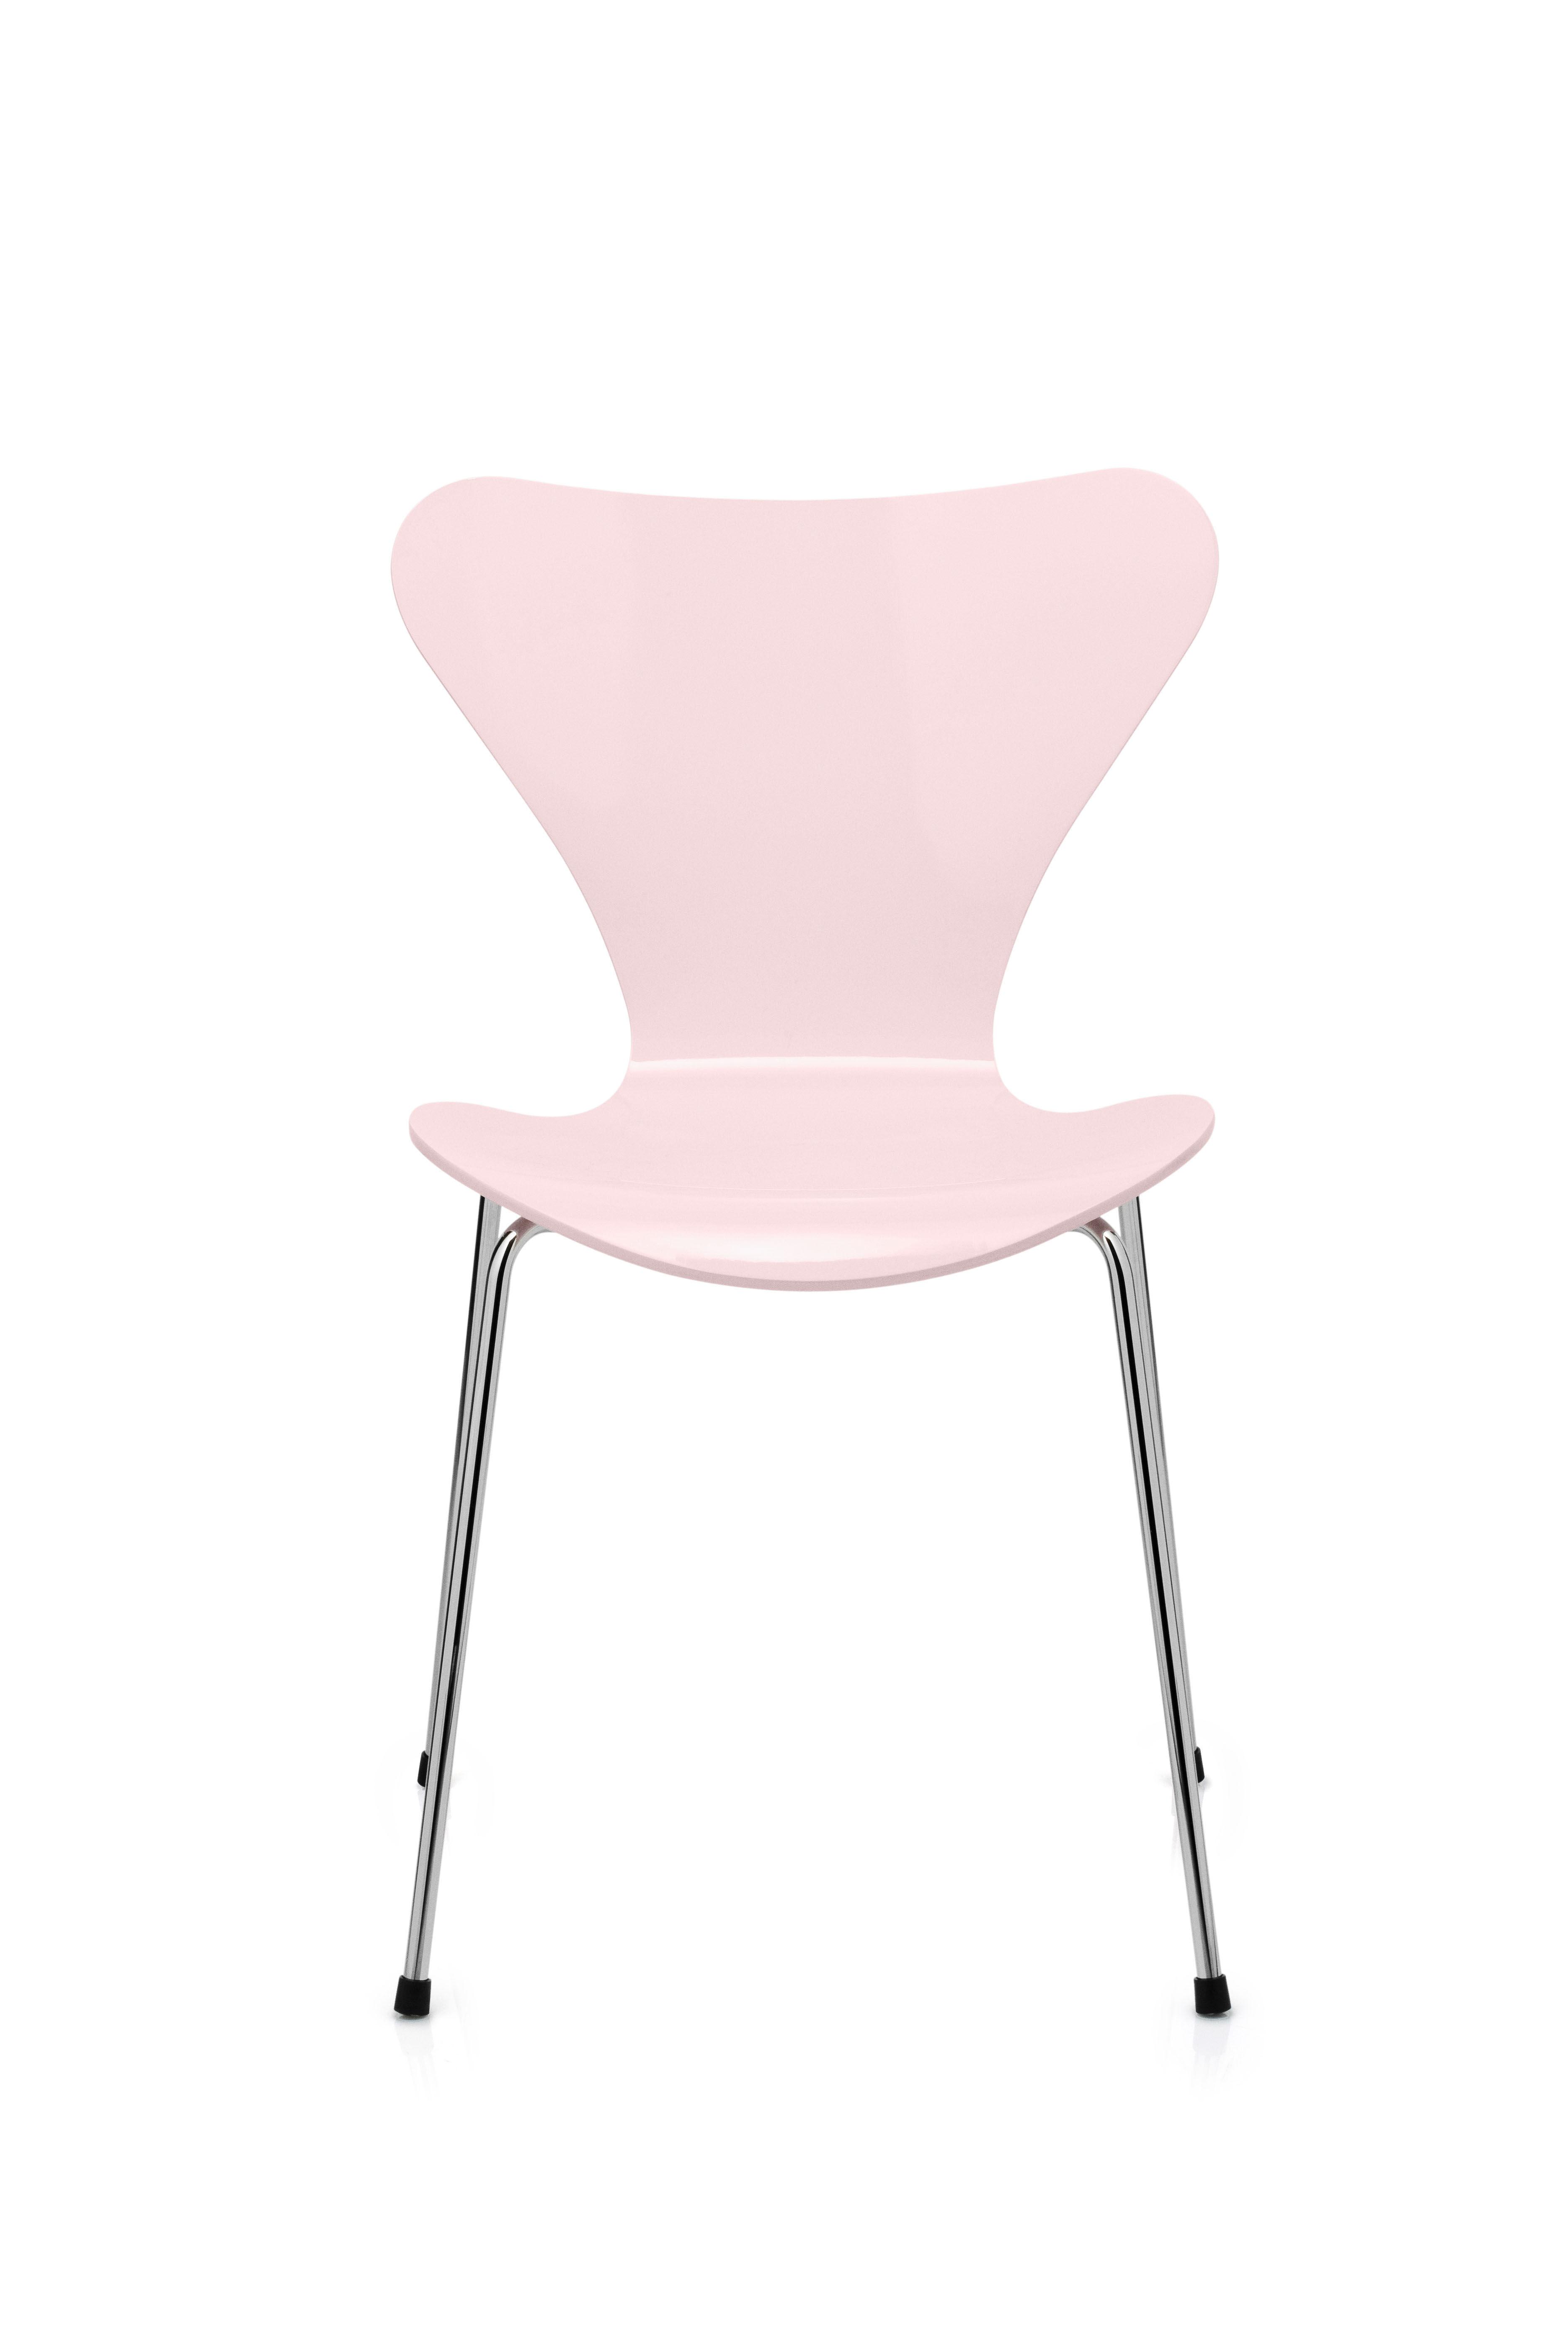 chaise empilable s rie 7 laqu e coloris exclusif fleur de cerisier fritz hansen. Black Bedroom Furniture Sets. Home Design Ideas